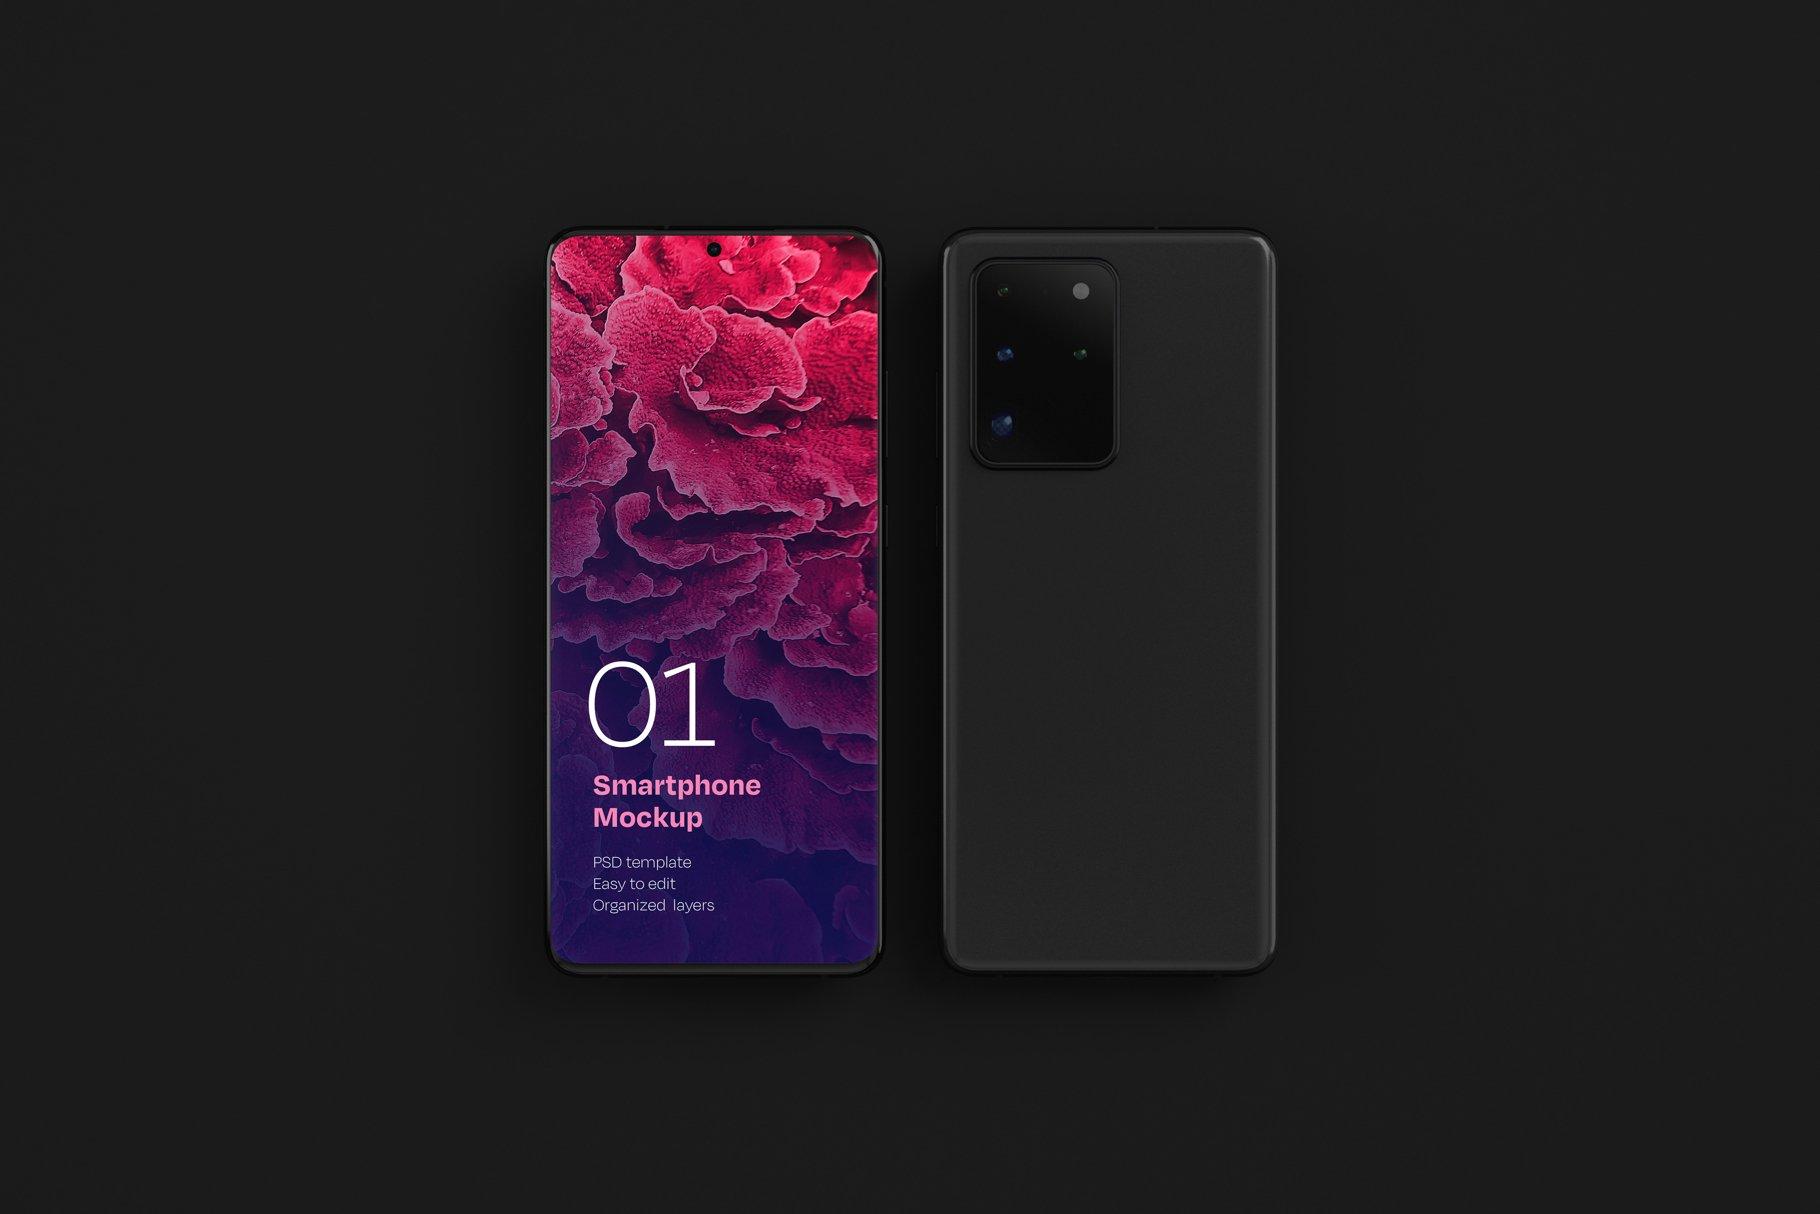 16款应用APP设计三星Galaxy S20手机屏幕演示样机 Galaxy S20 Ultra Device Mockup插图(5)